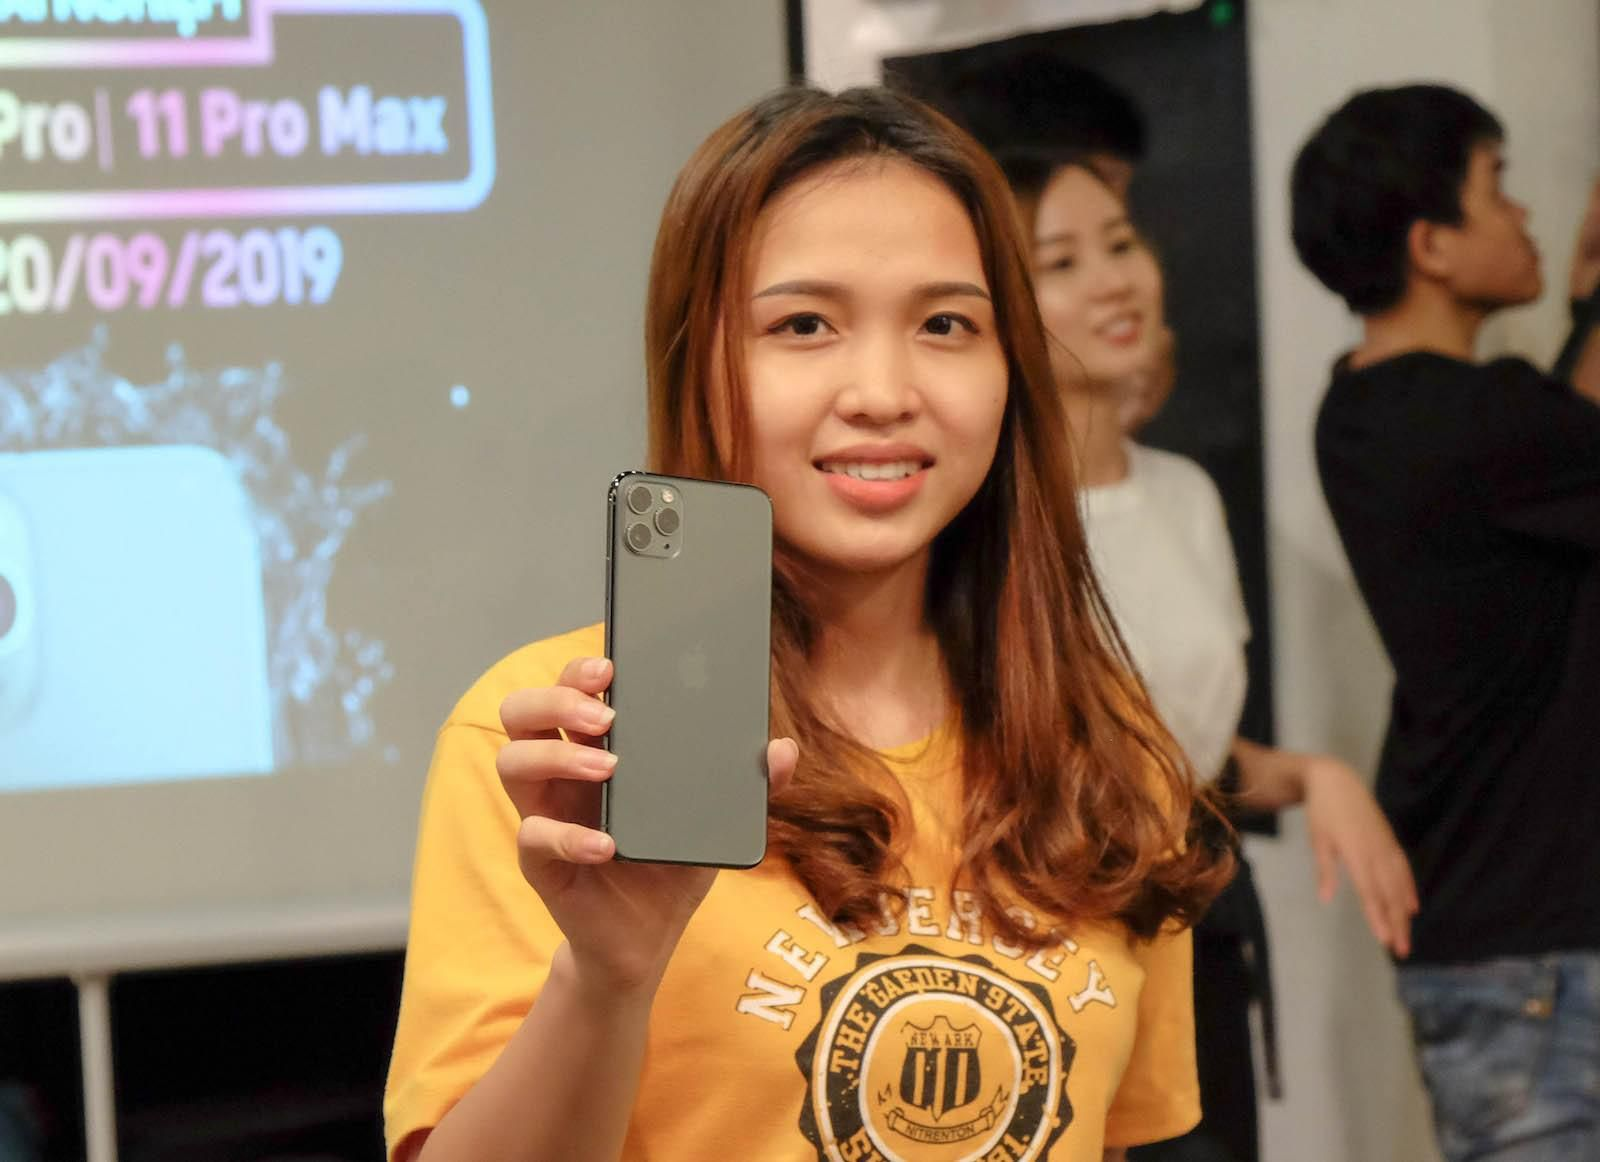 Chiêm ngưỡng bộ sưu tập từ iPhone 1 đến iPhone 11 Pro Max Ảnh 1